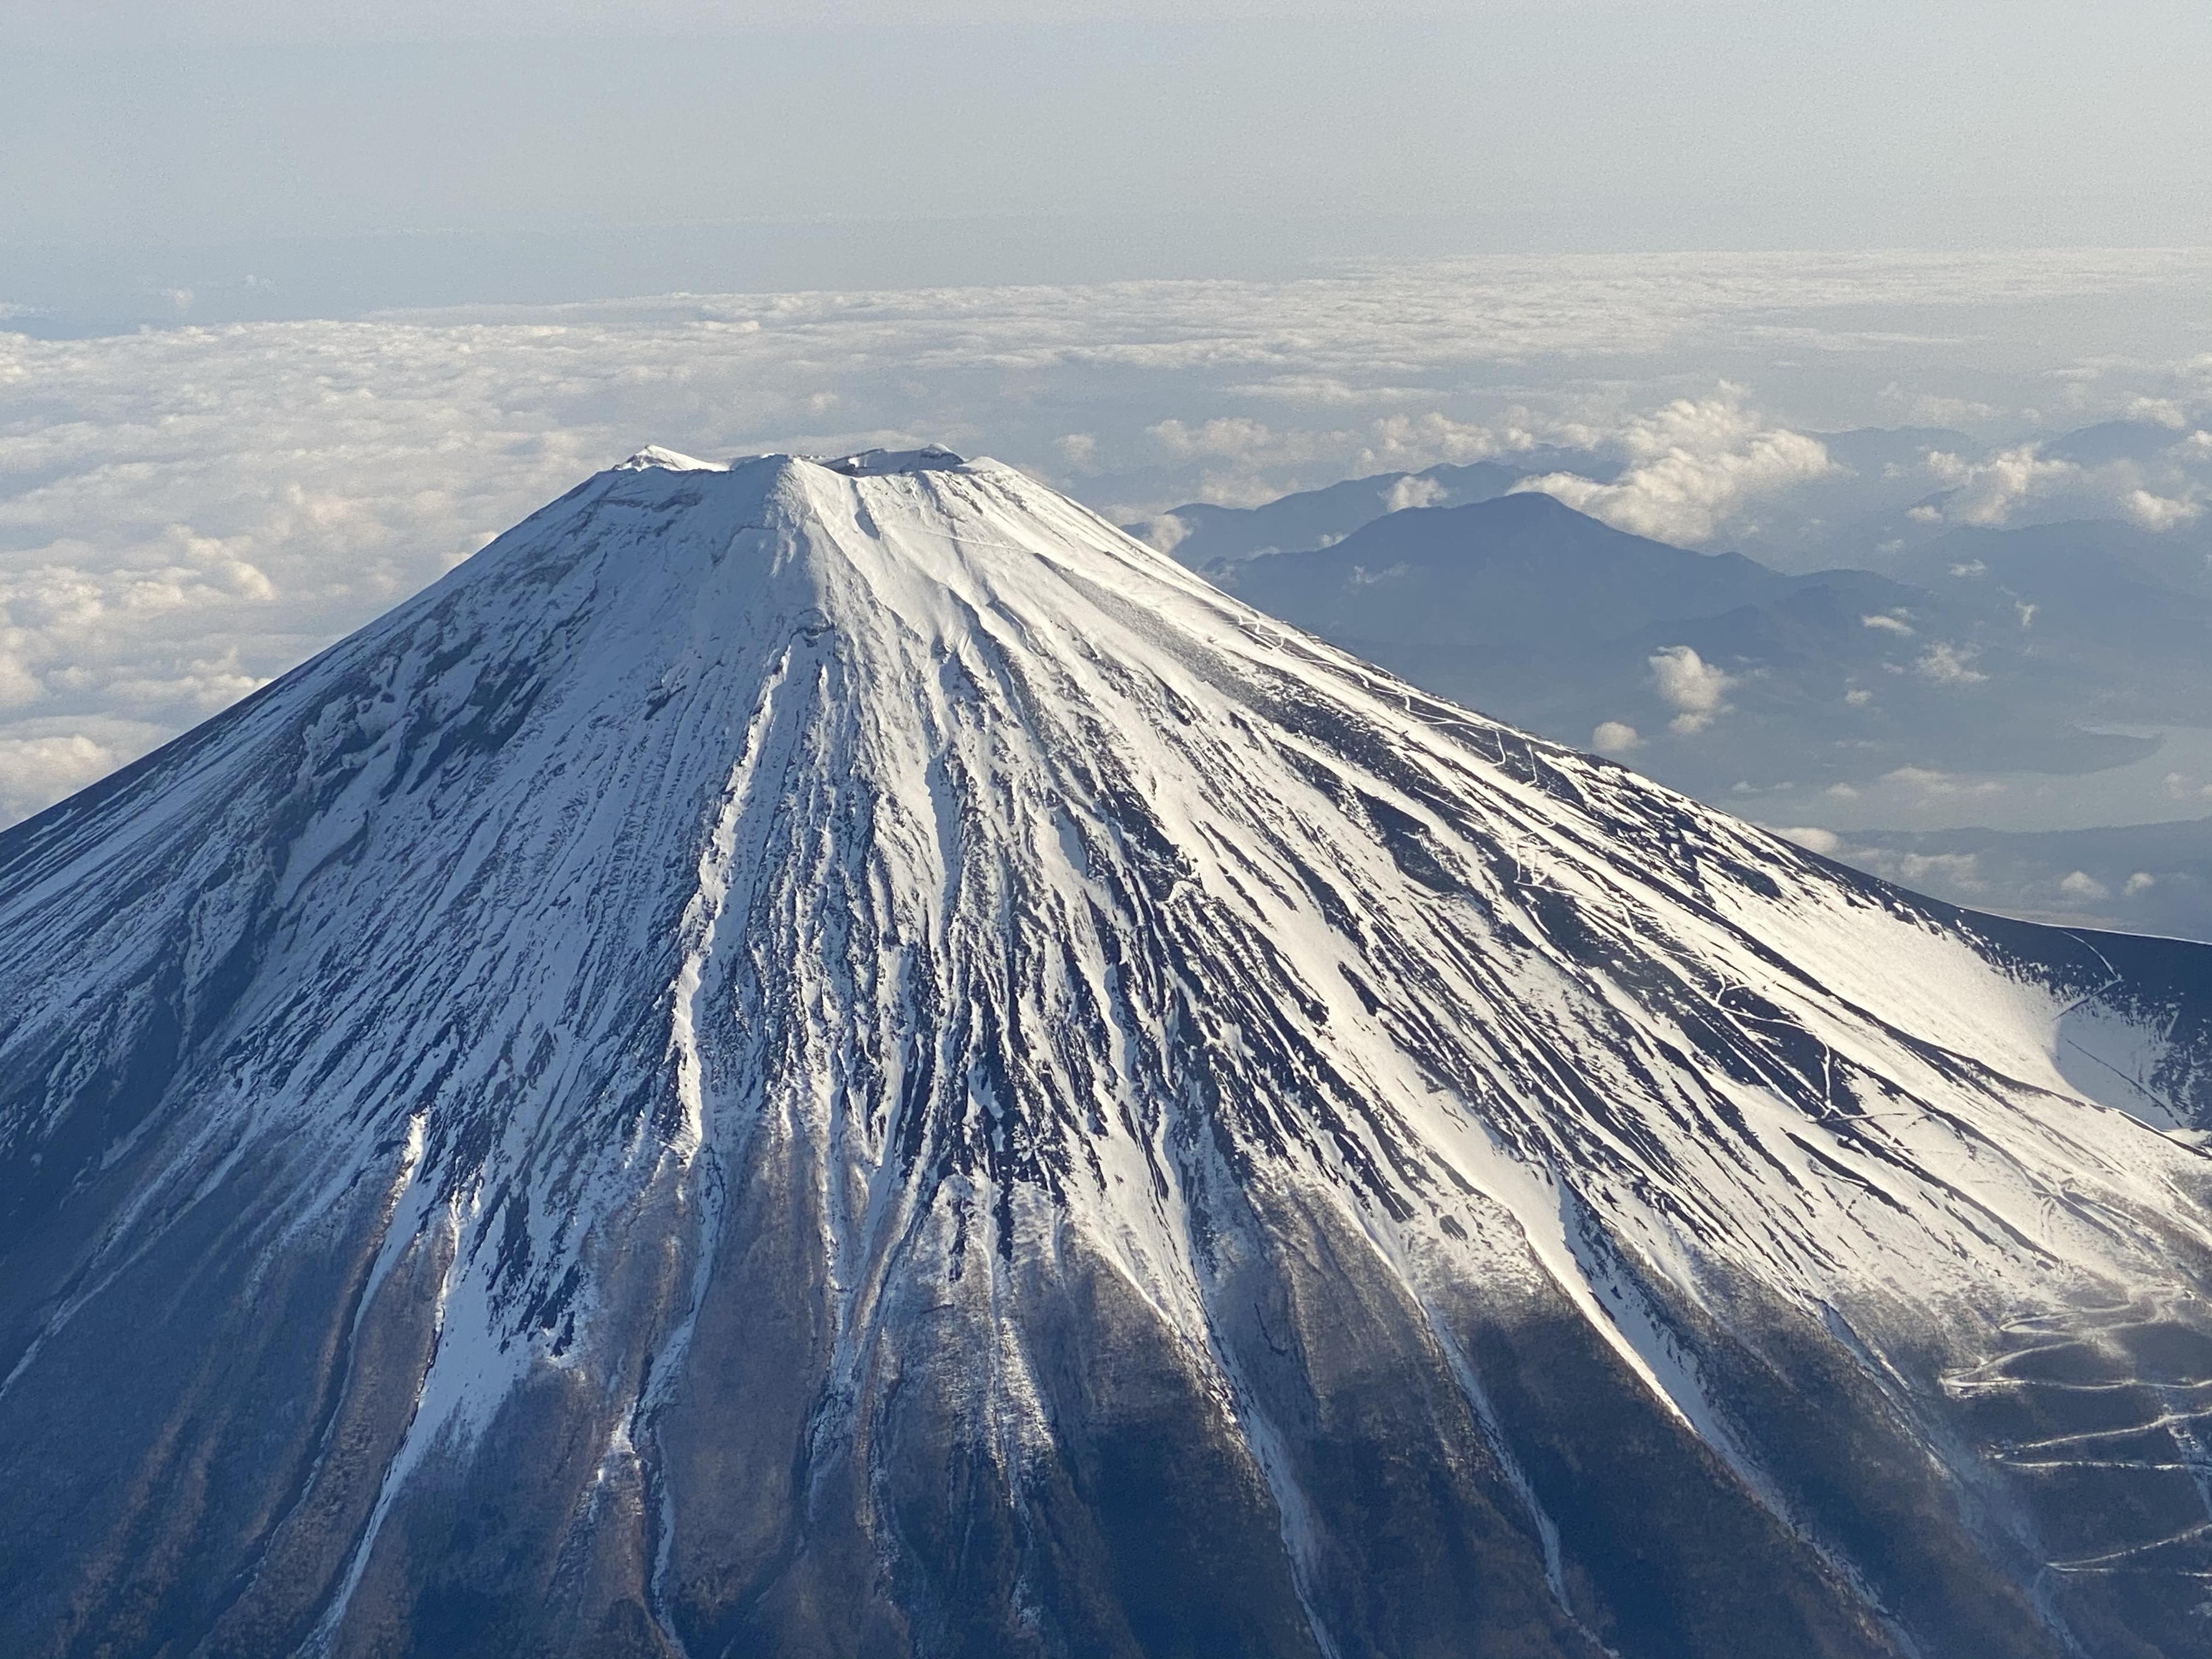 富士山遊覧飛行で富士絶景を満喫-日本YEG全国大会ふじのくに静岡ぬまづ大会-